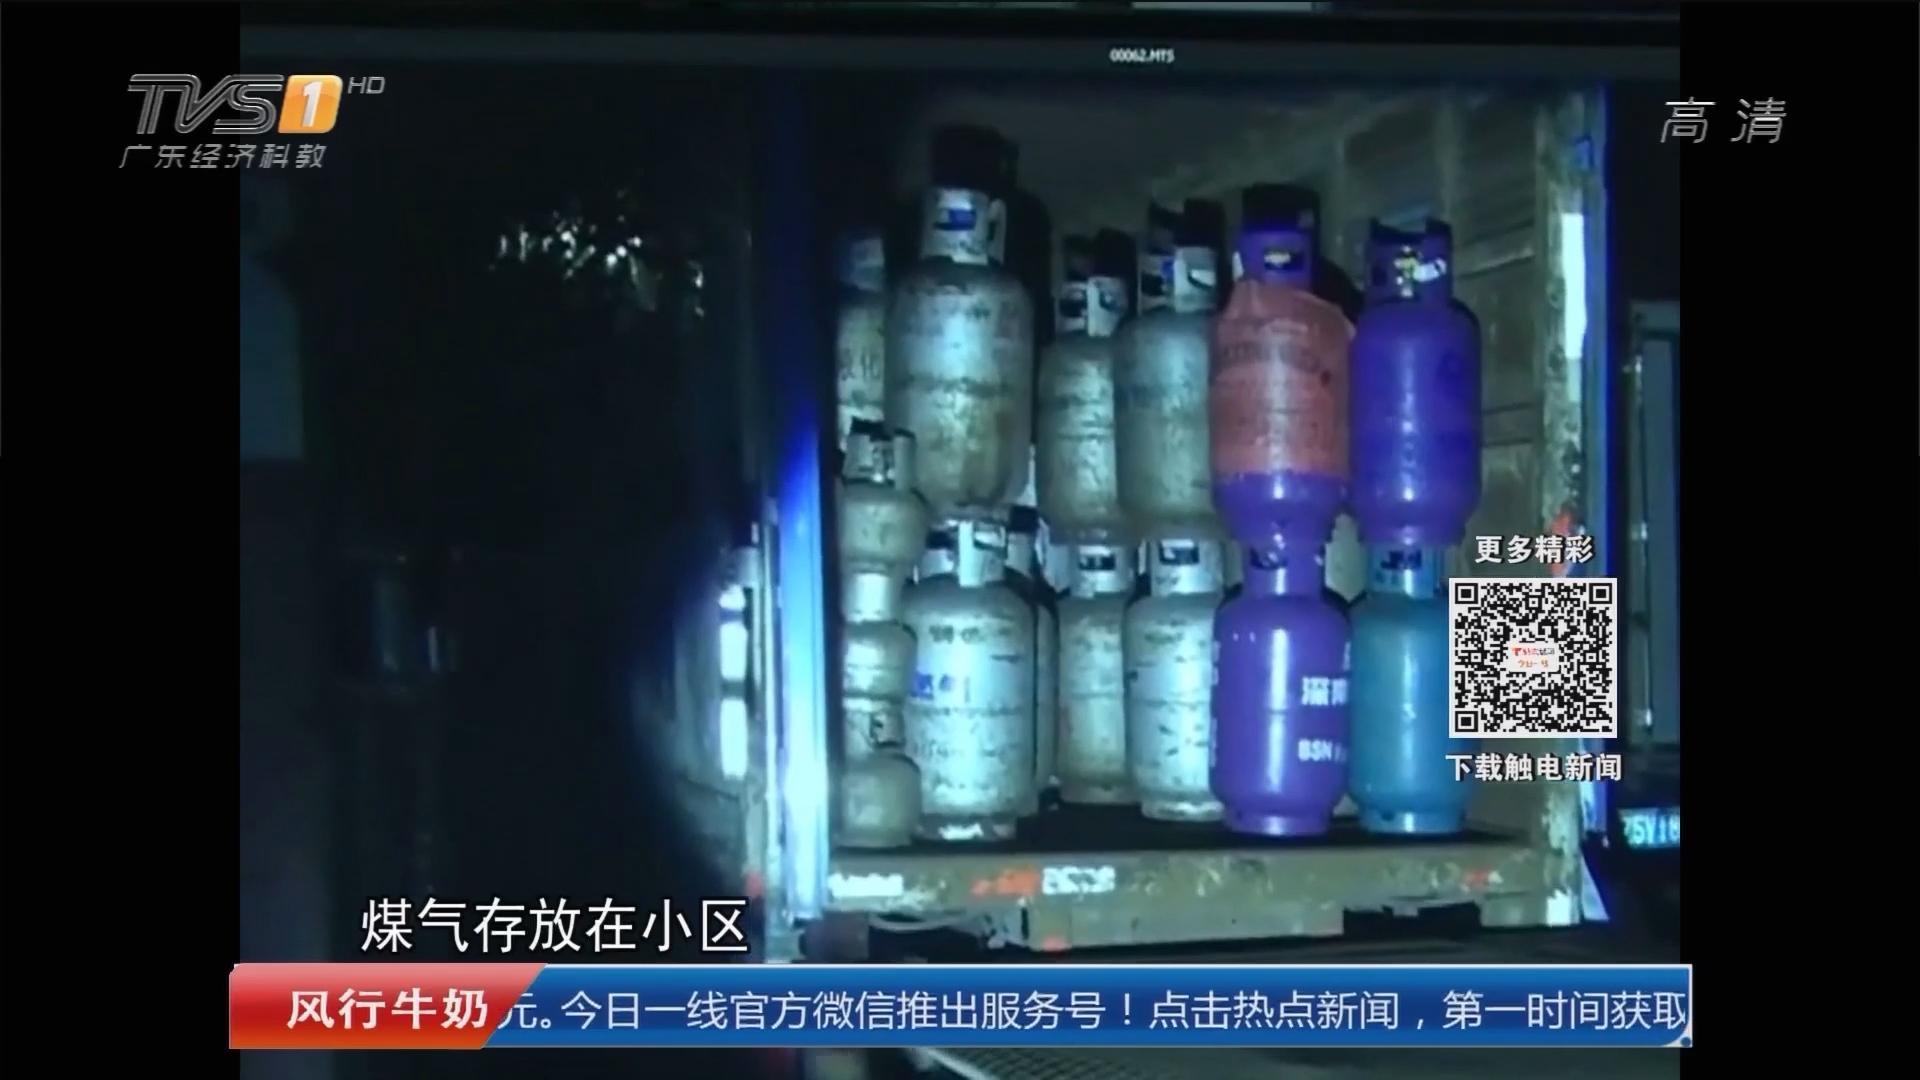 深圳盐田区:便民换气站被查 涉非法储存七百气瓶